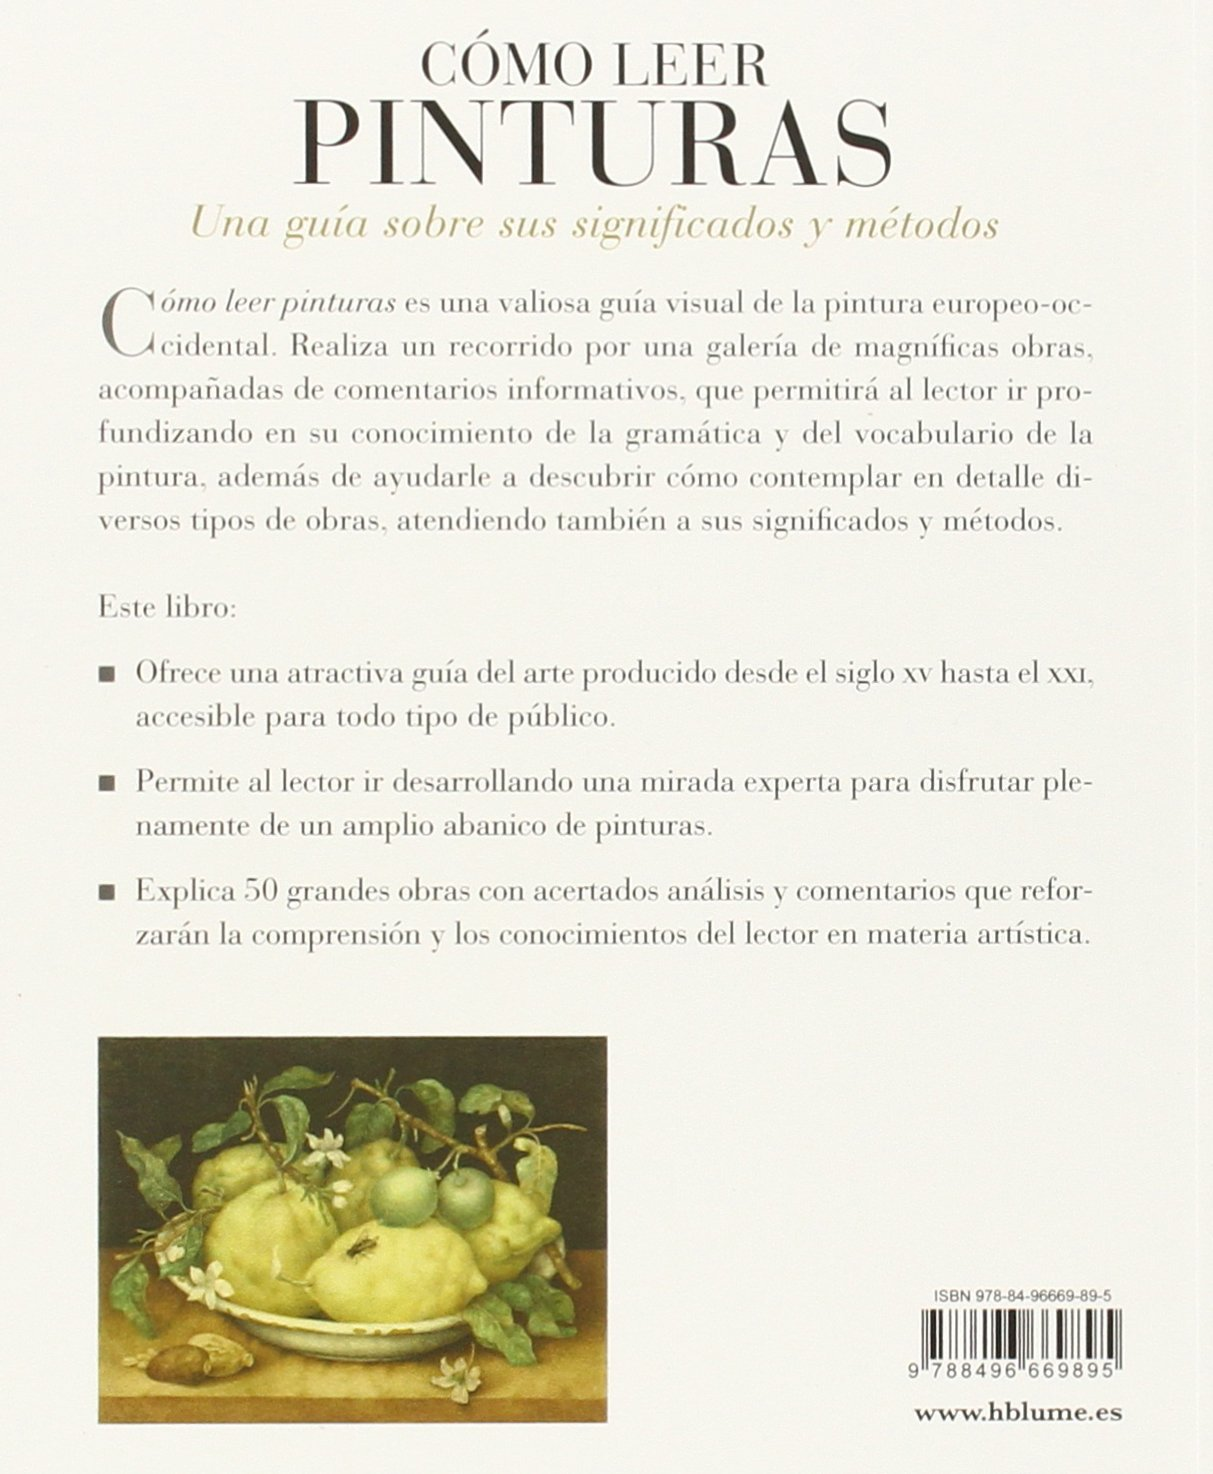 Cómo leer pinturas: Una guía sobre sus significados y métodos: Amazon.es: Liz Rideal, Jesús Espino Nuño: Libros